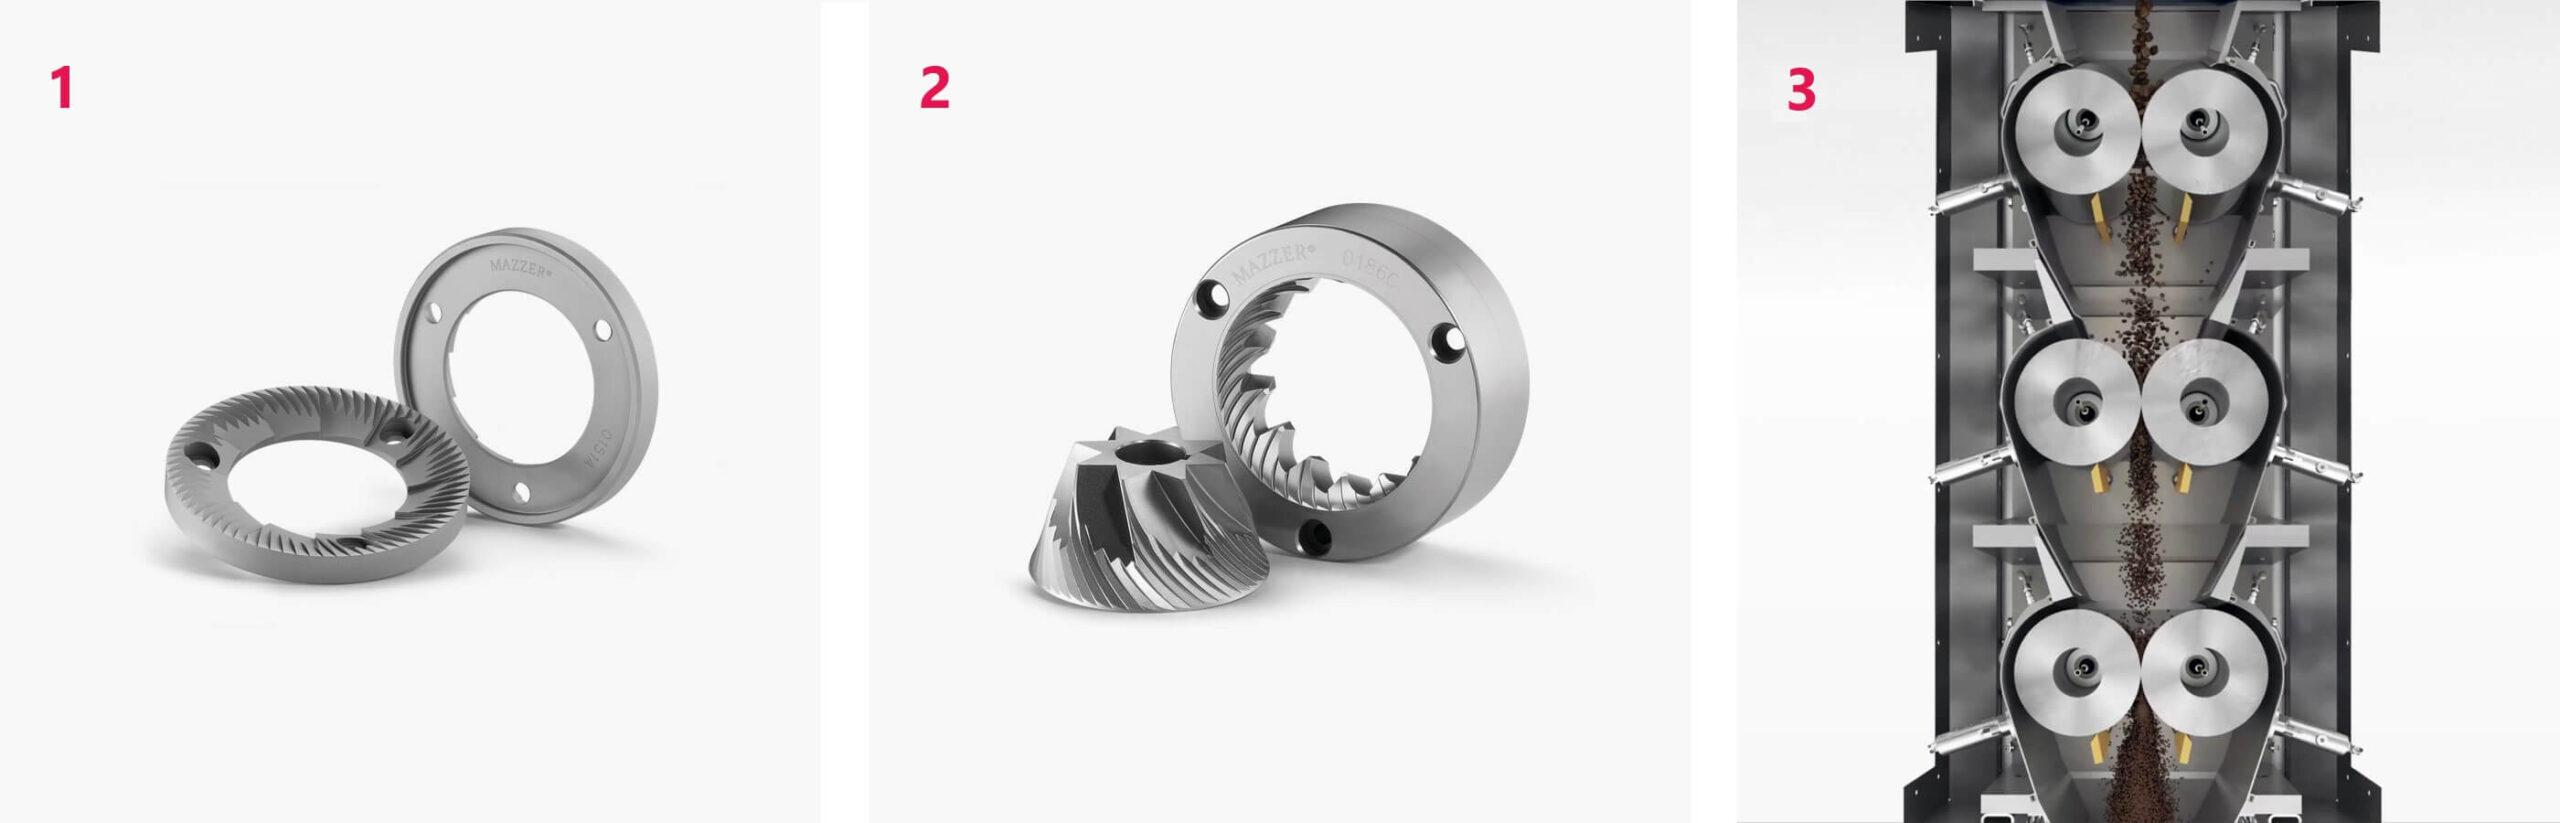 дисковые цилиндрические жернова